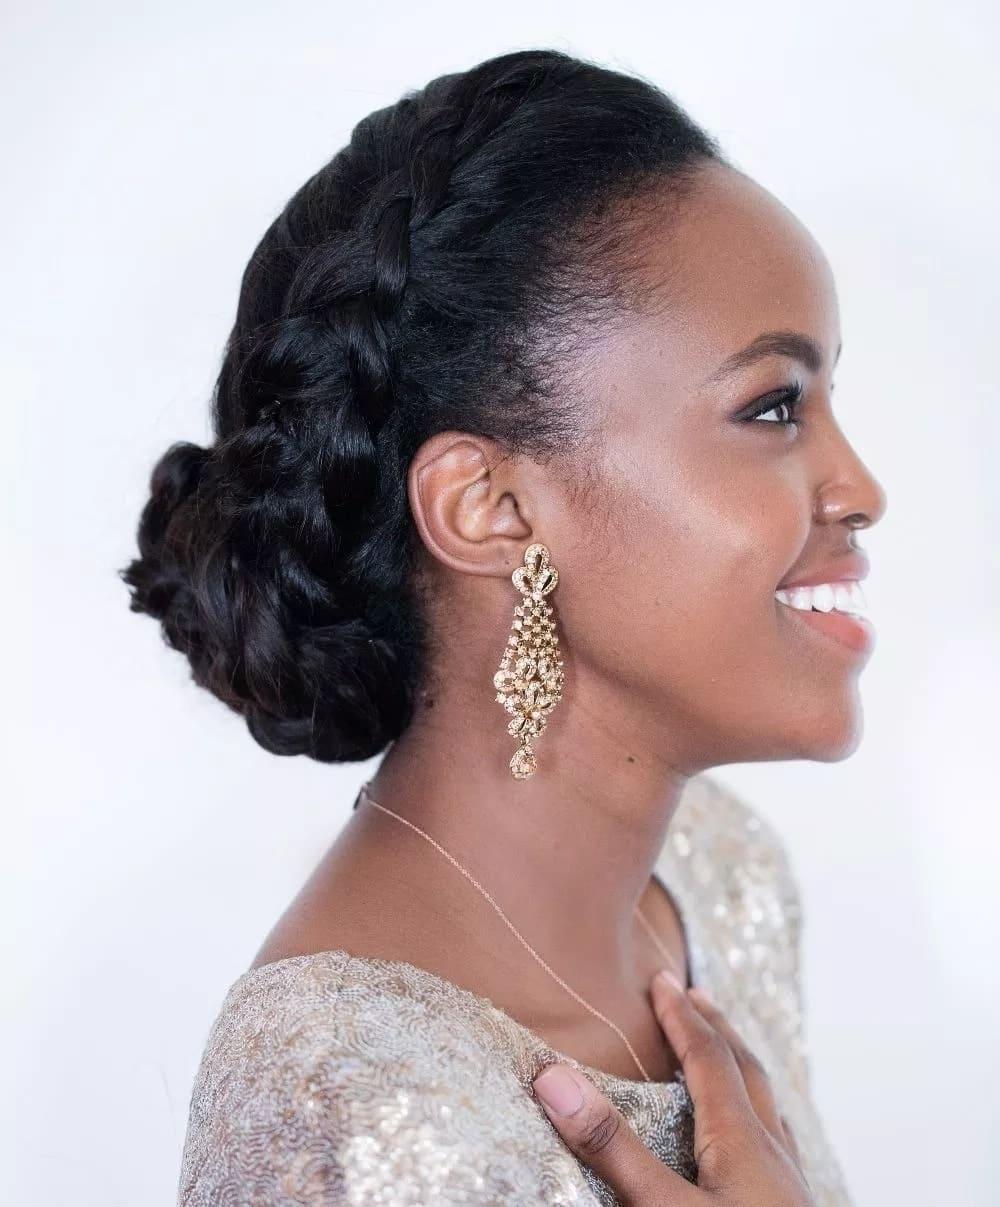 Wedding In Kenya With Twist Hair Style: Latest Wedding Hairstyles In Kenya Tuko.co.ke